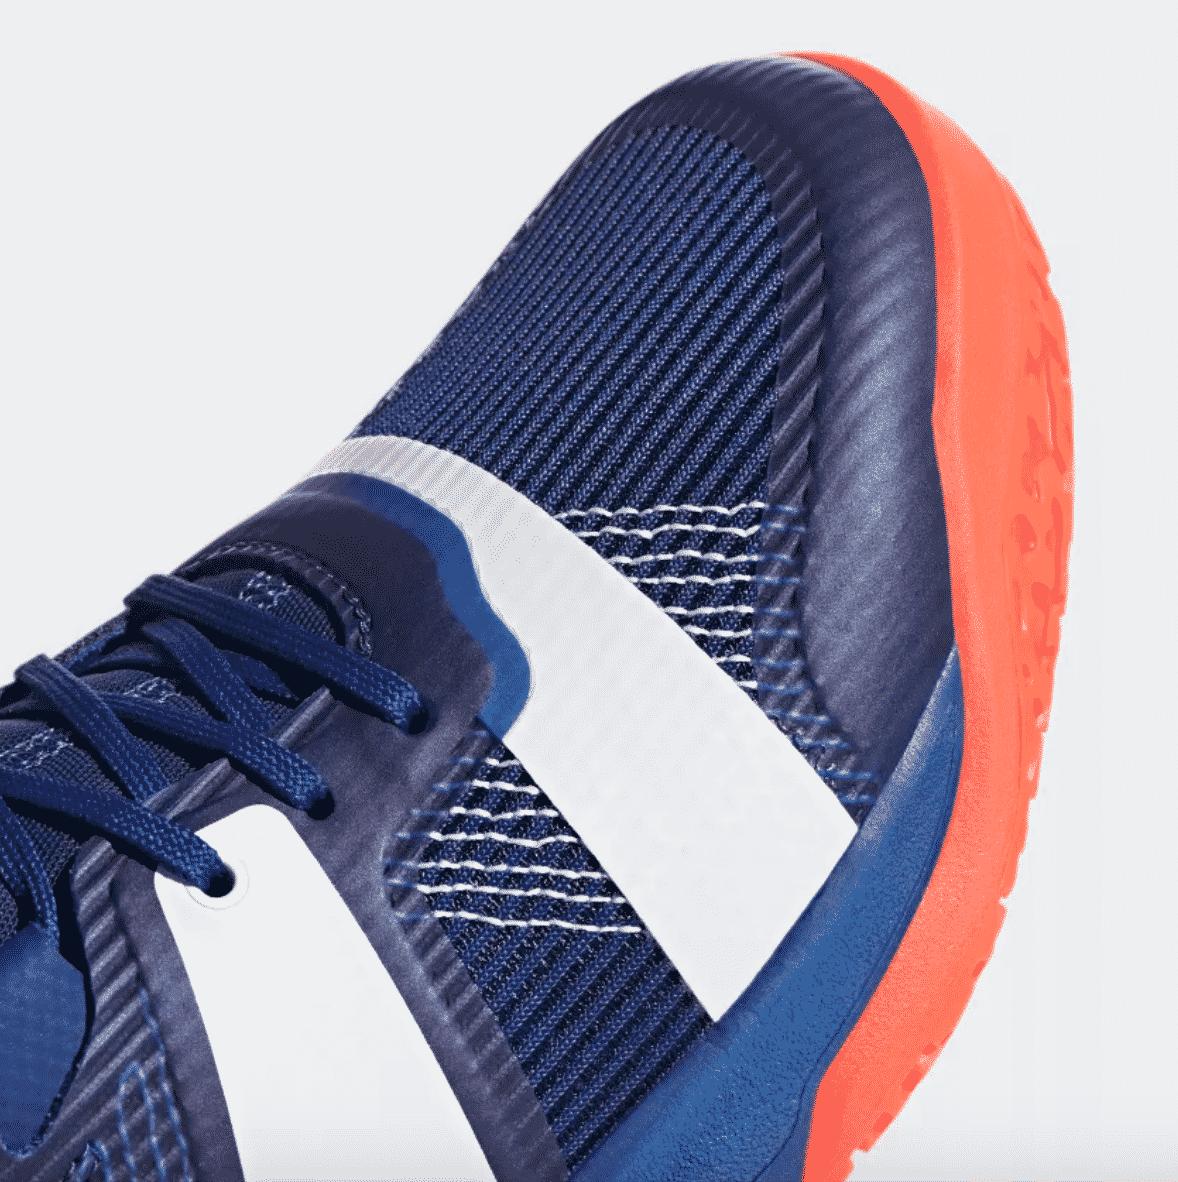 adidas-stabil-x-handball-7